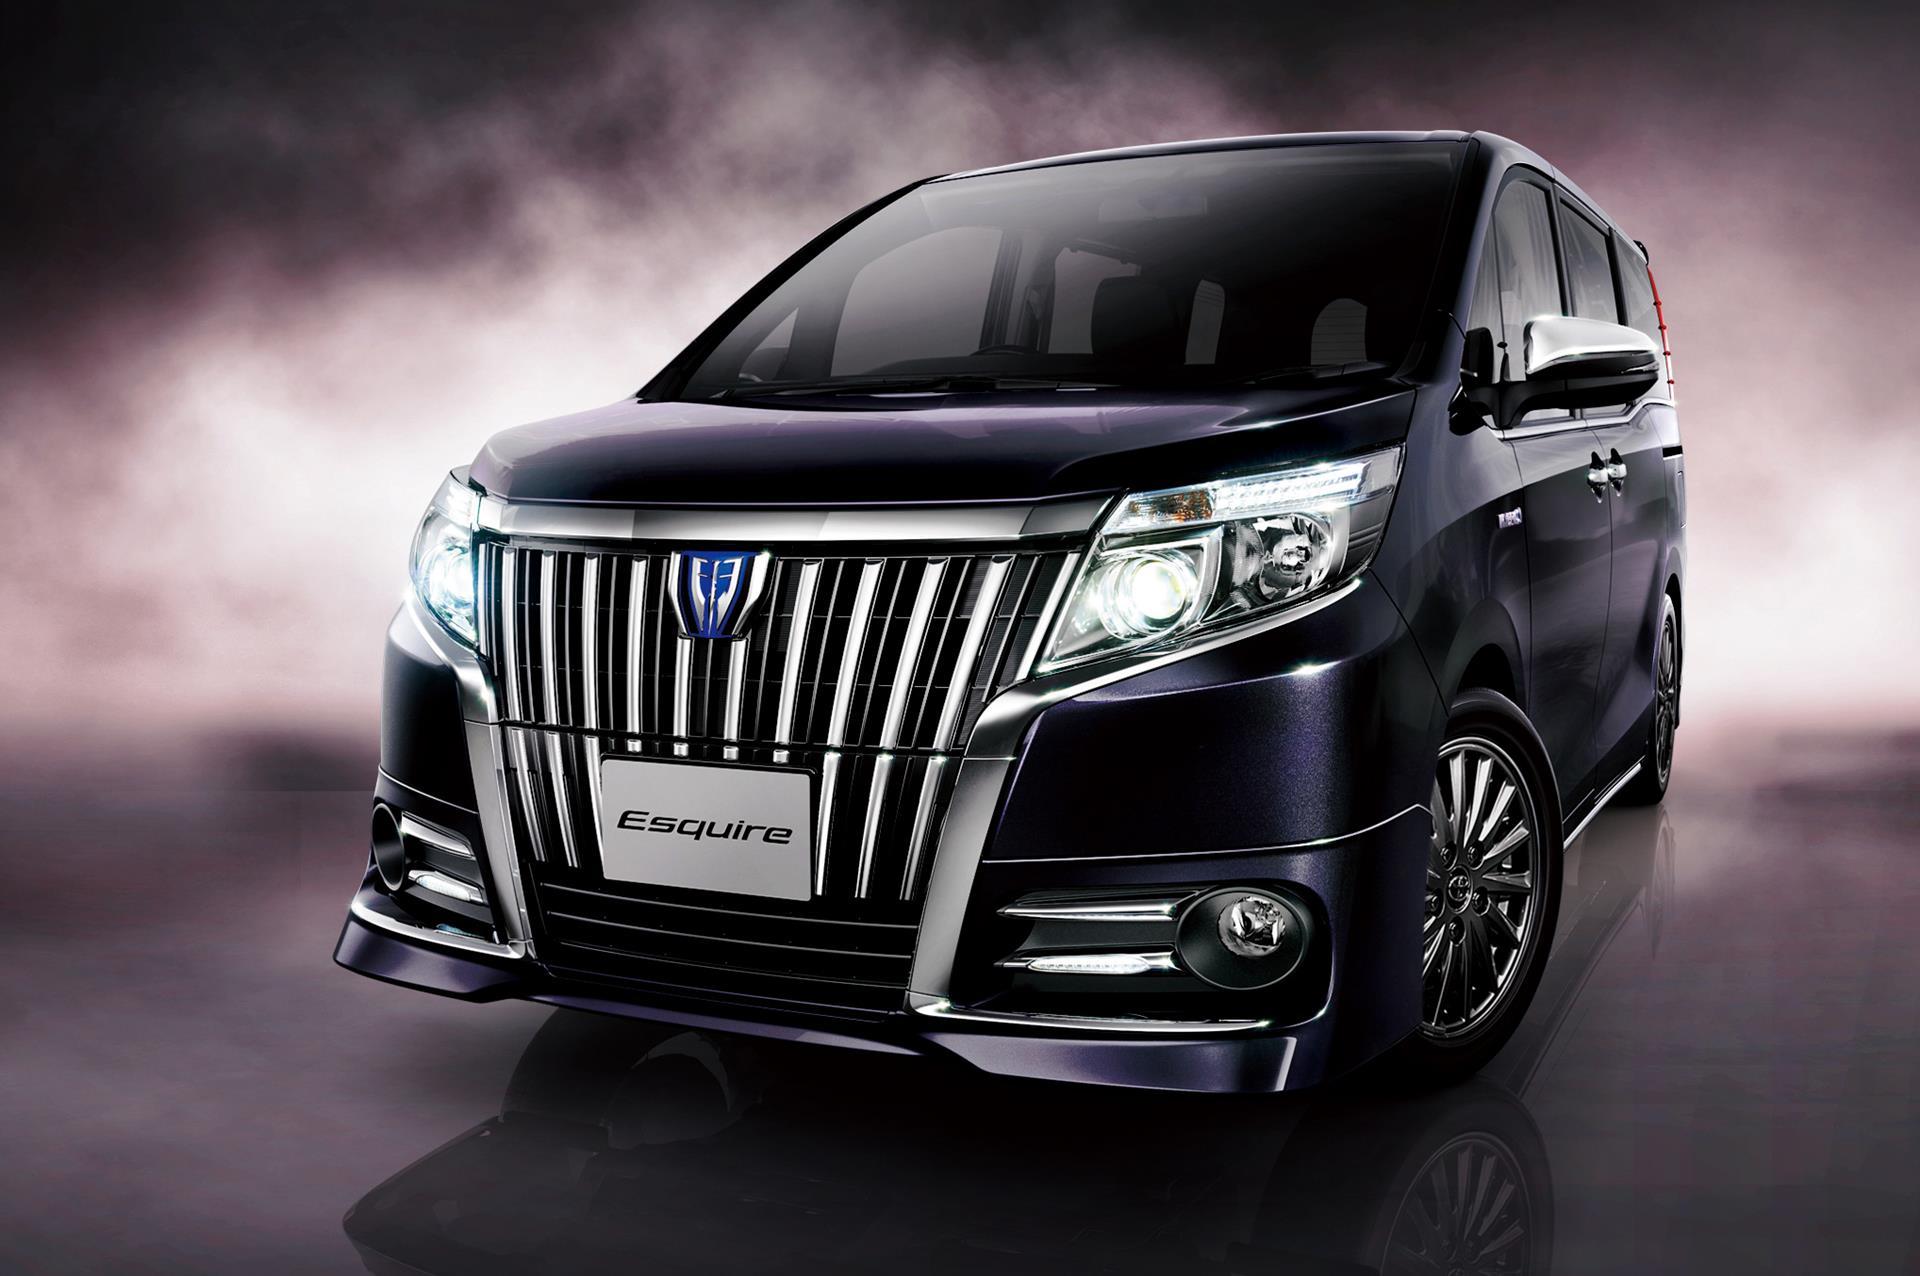 Toyota reveals new esquire van batman would drive one